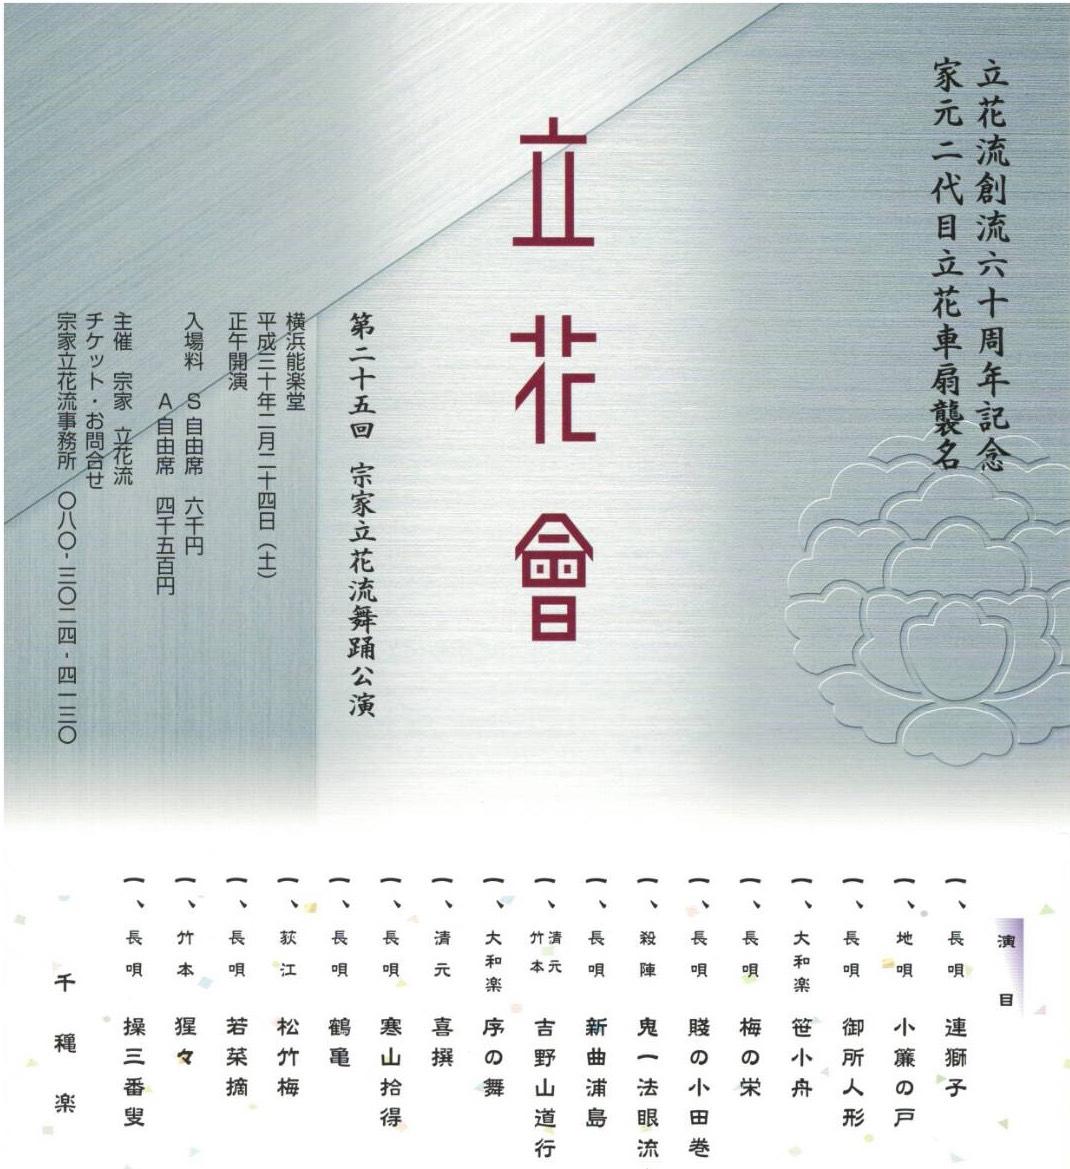 宗家立花流創流60周年記念舞踊会 客演として藤間桃乃樹(鬼束桃子)が出演